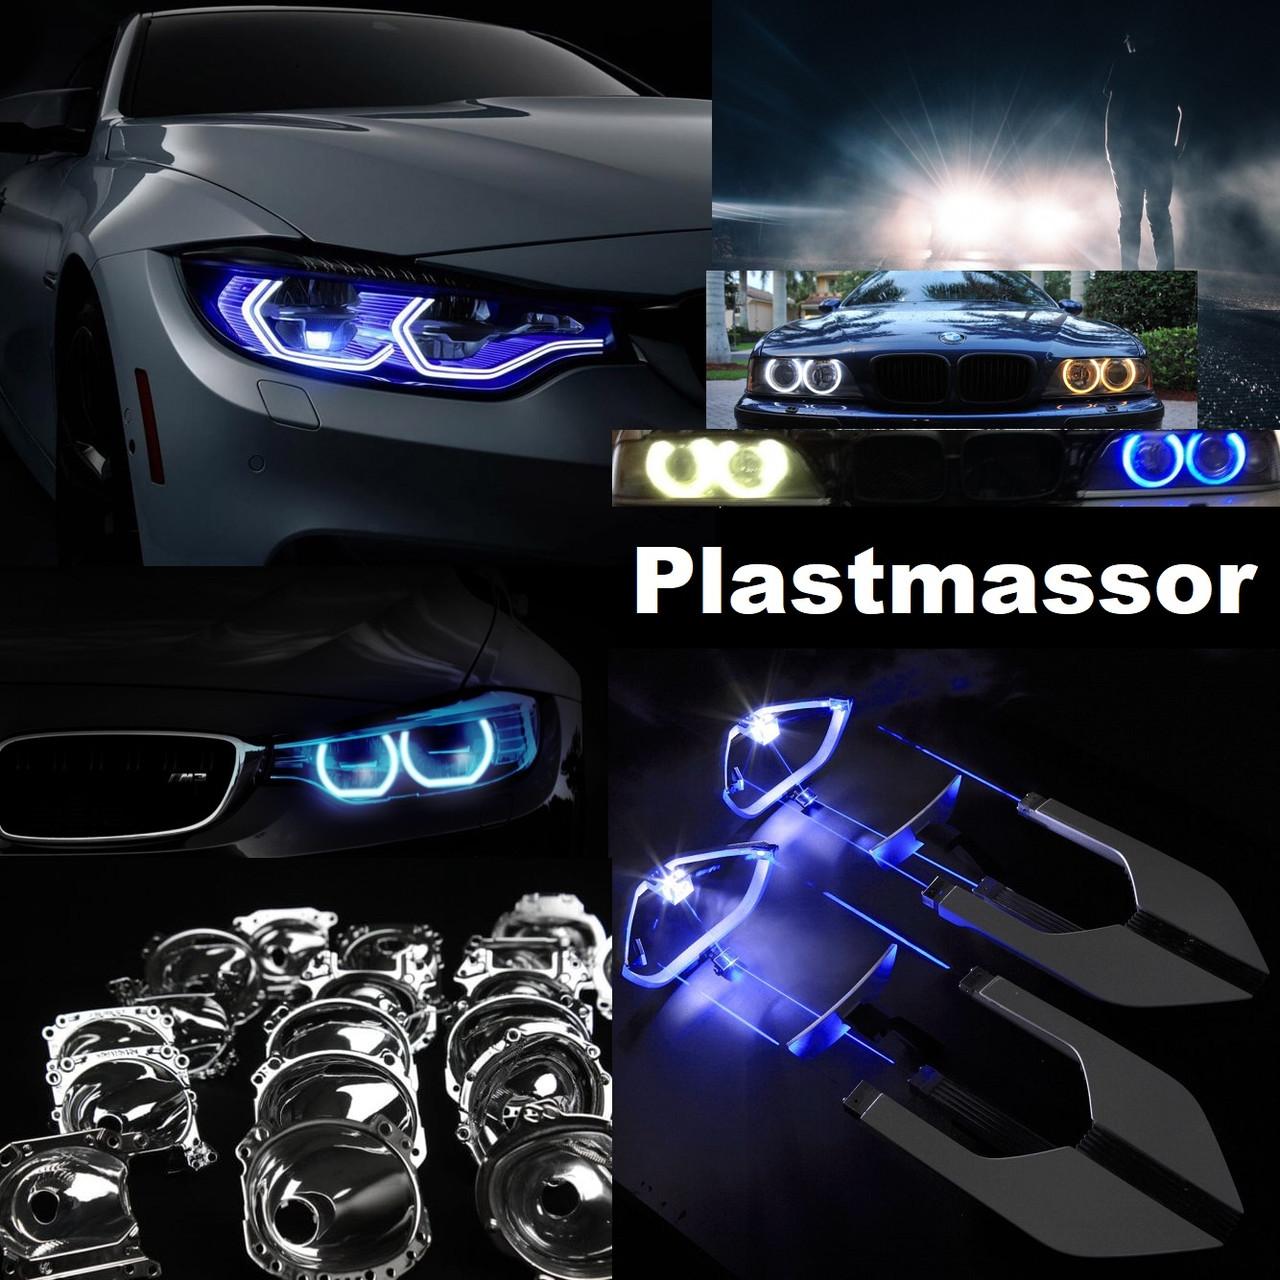 Ремонт Plastmassor вакуумная металлизация восстановление отражателей фар Bugatti